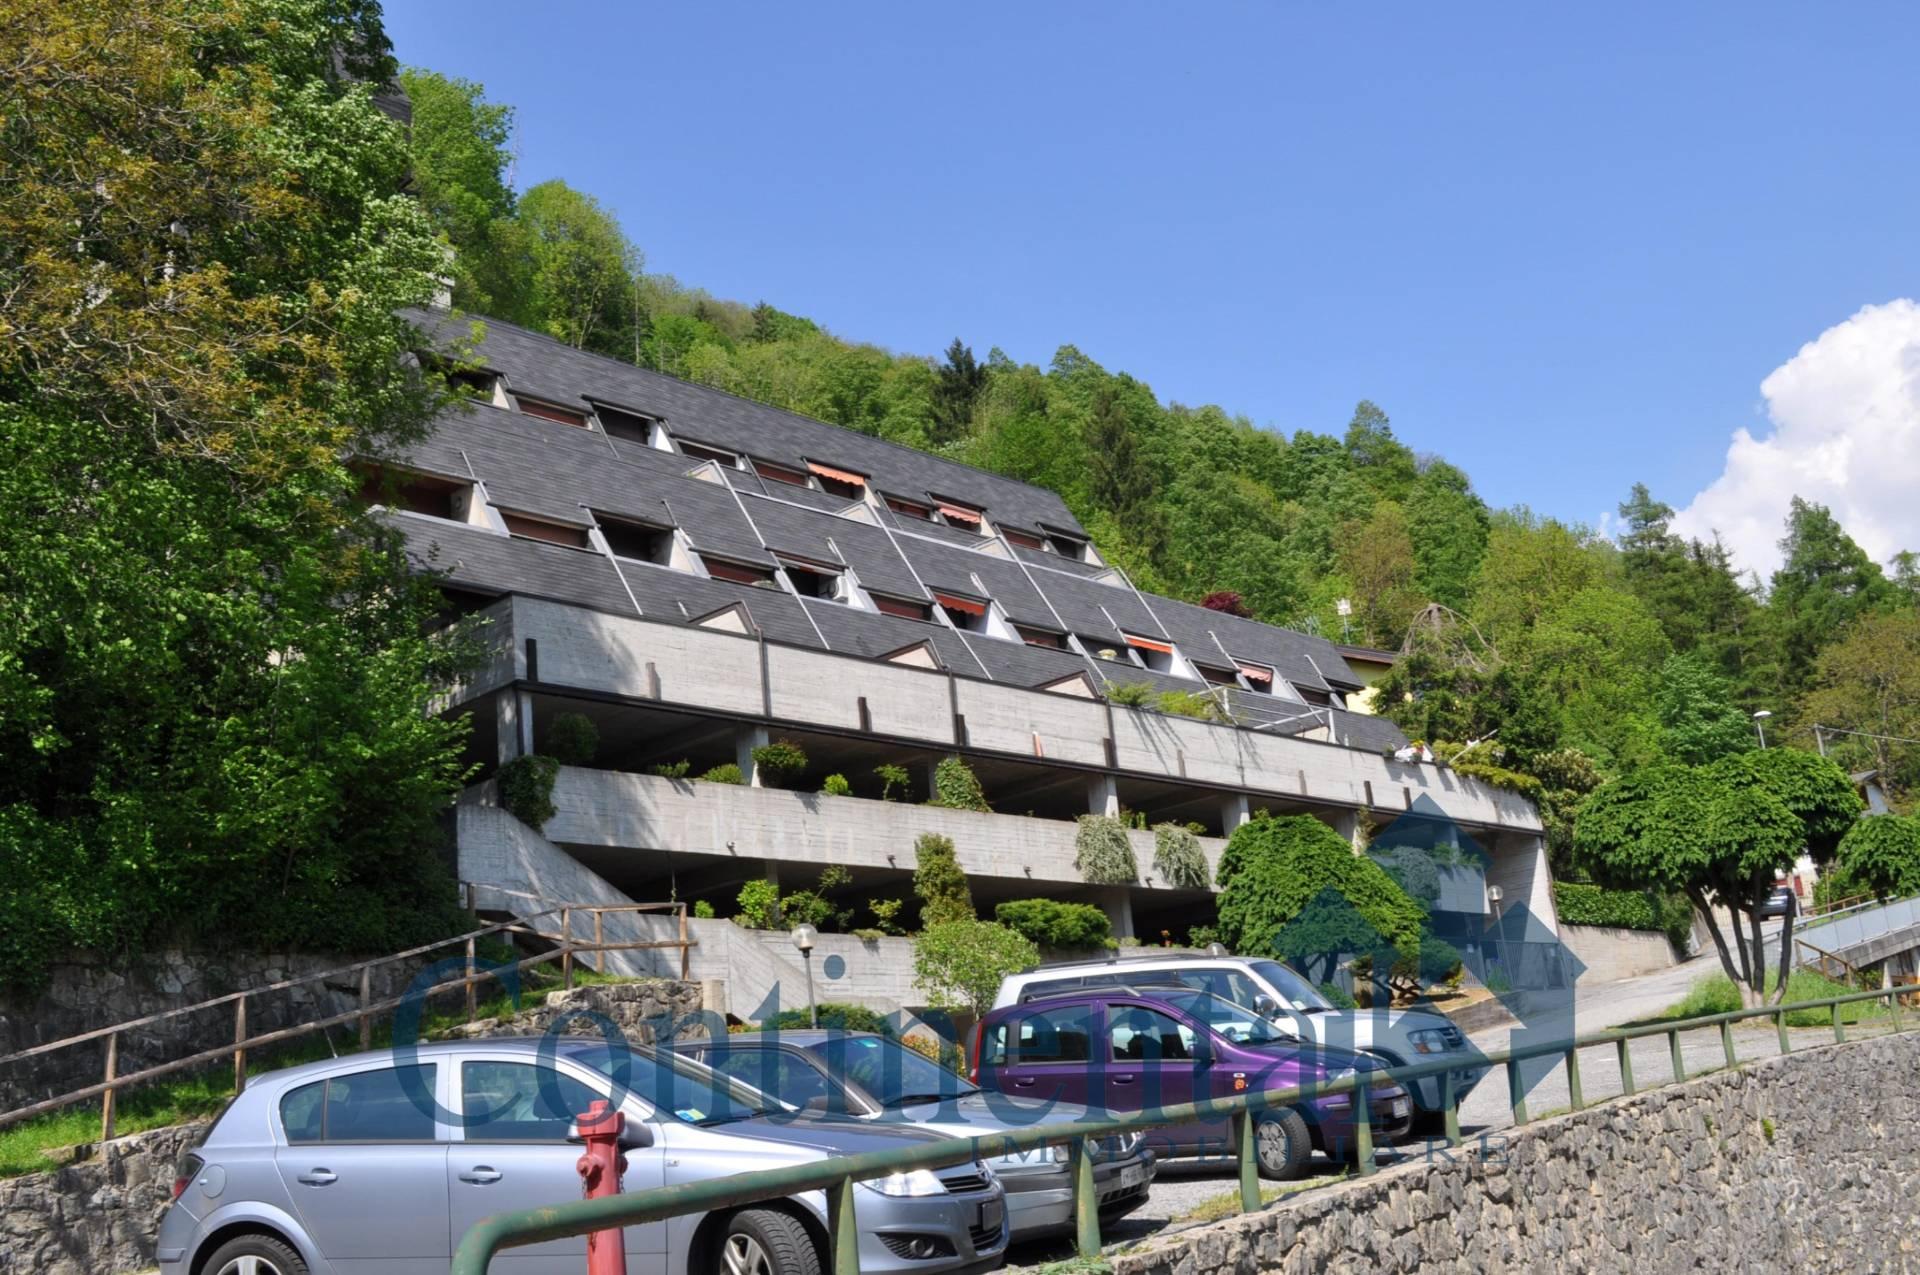 Appartamento in vendita a Valnegra, 1 locali, prezzo € 23.500 | PortaleAgenzieImmobiliari.it